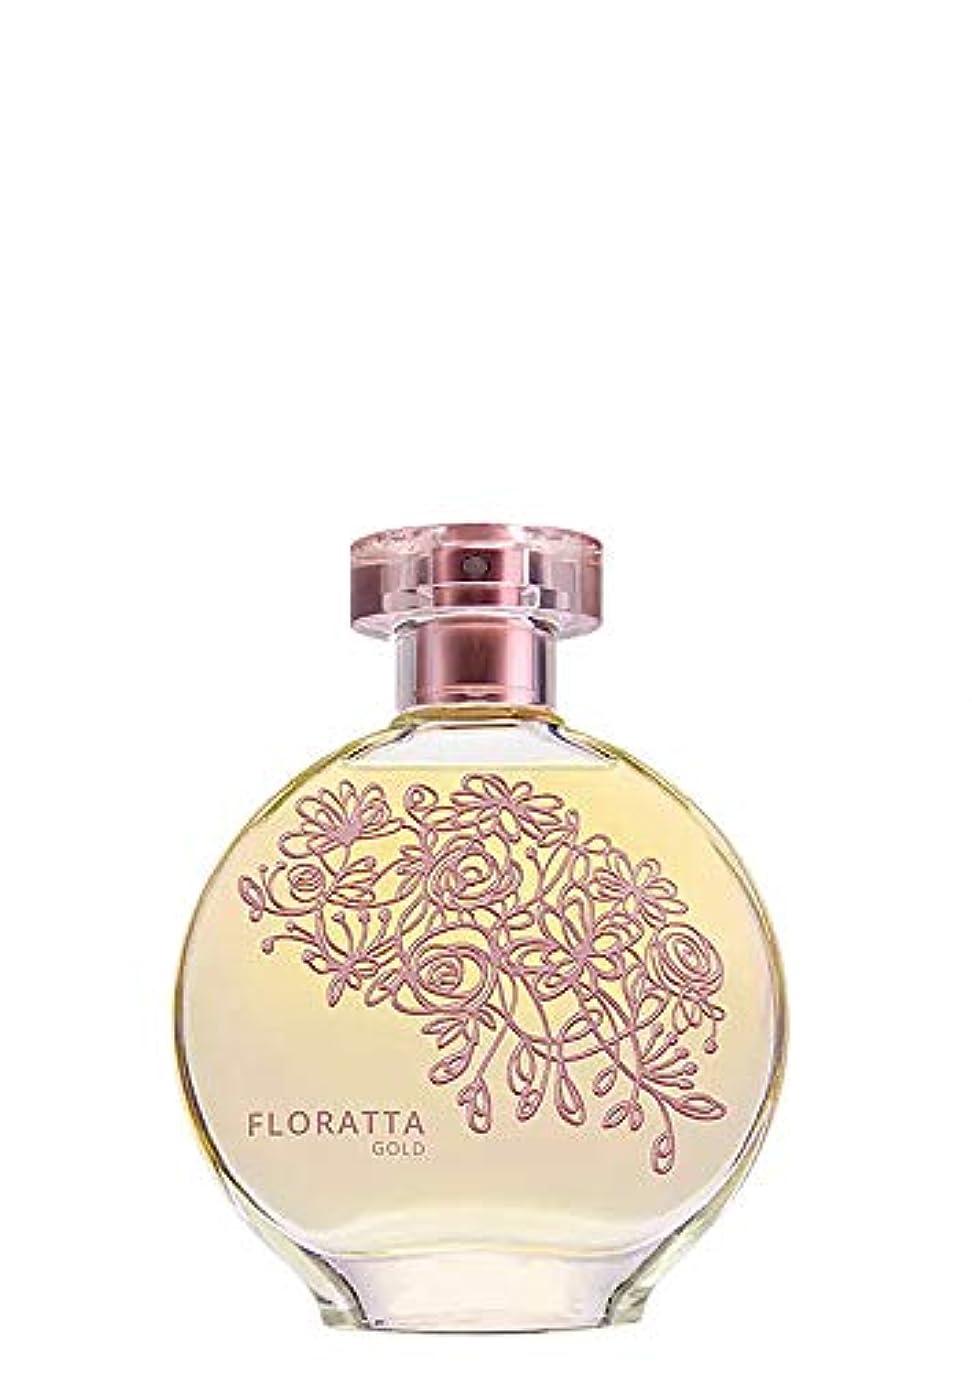 モジュール罰パニックオ?ボチカリオ 香水 オードトワレ フロラッタ ゴールド FLORATTA GOLD 女性用 75ML